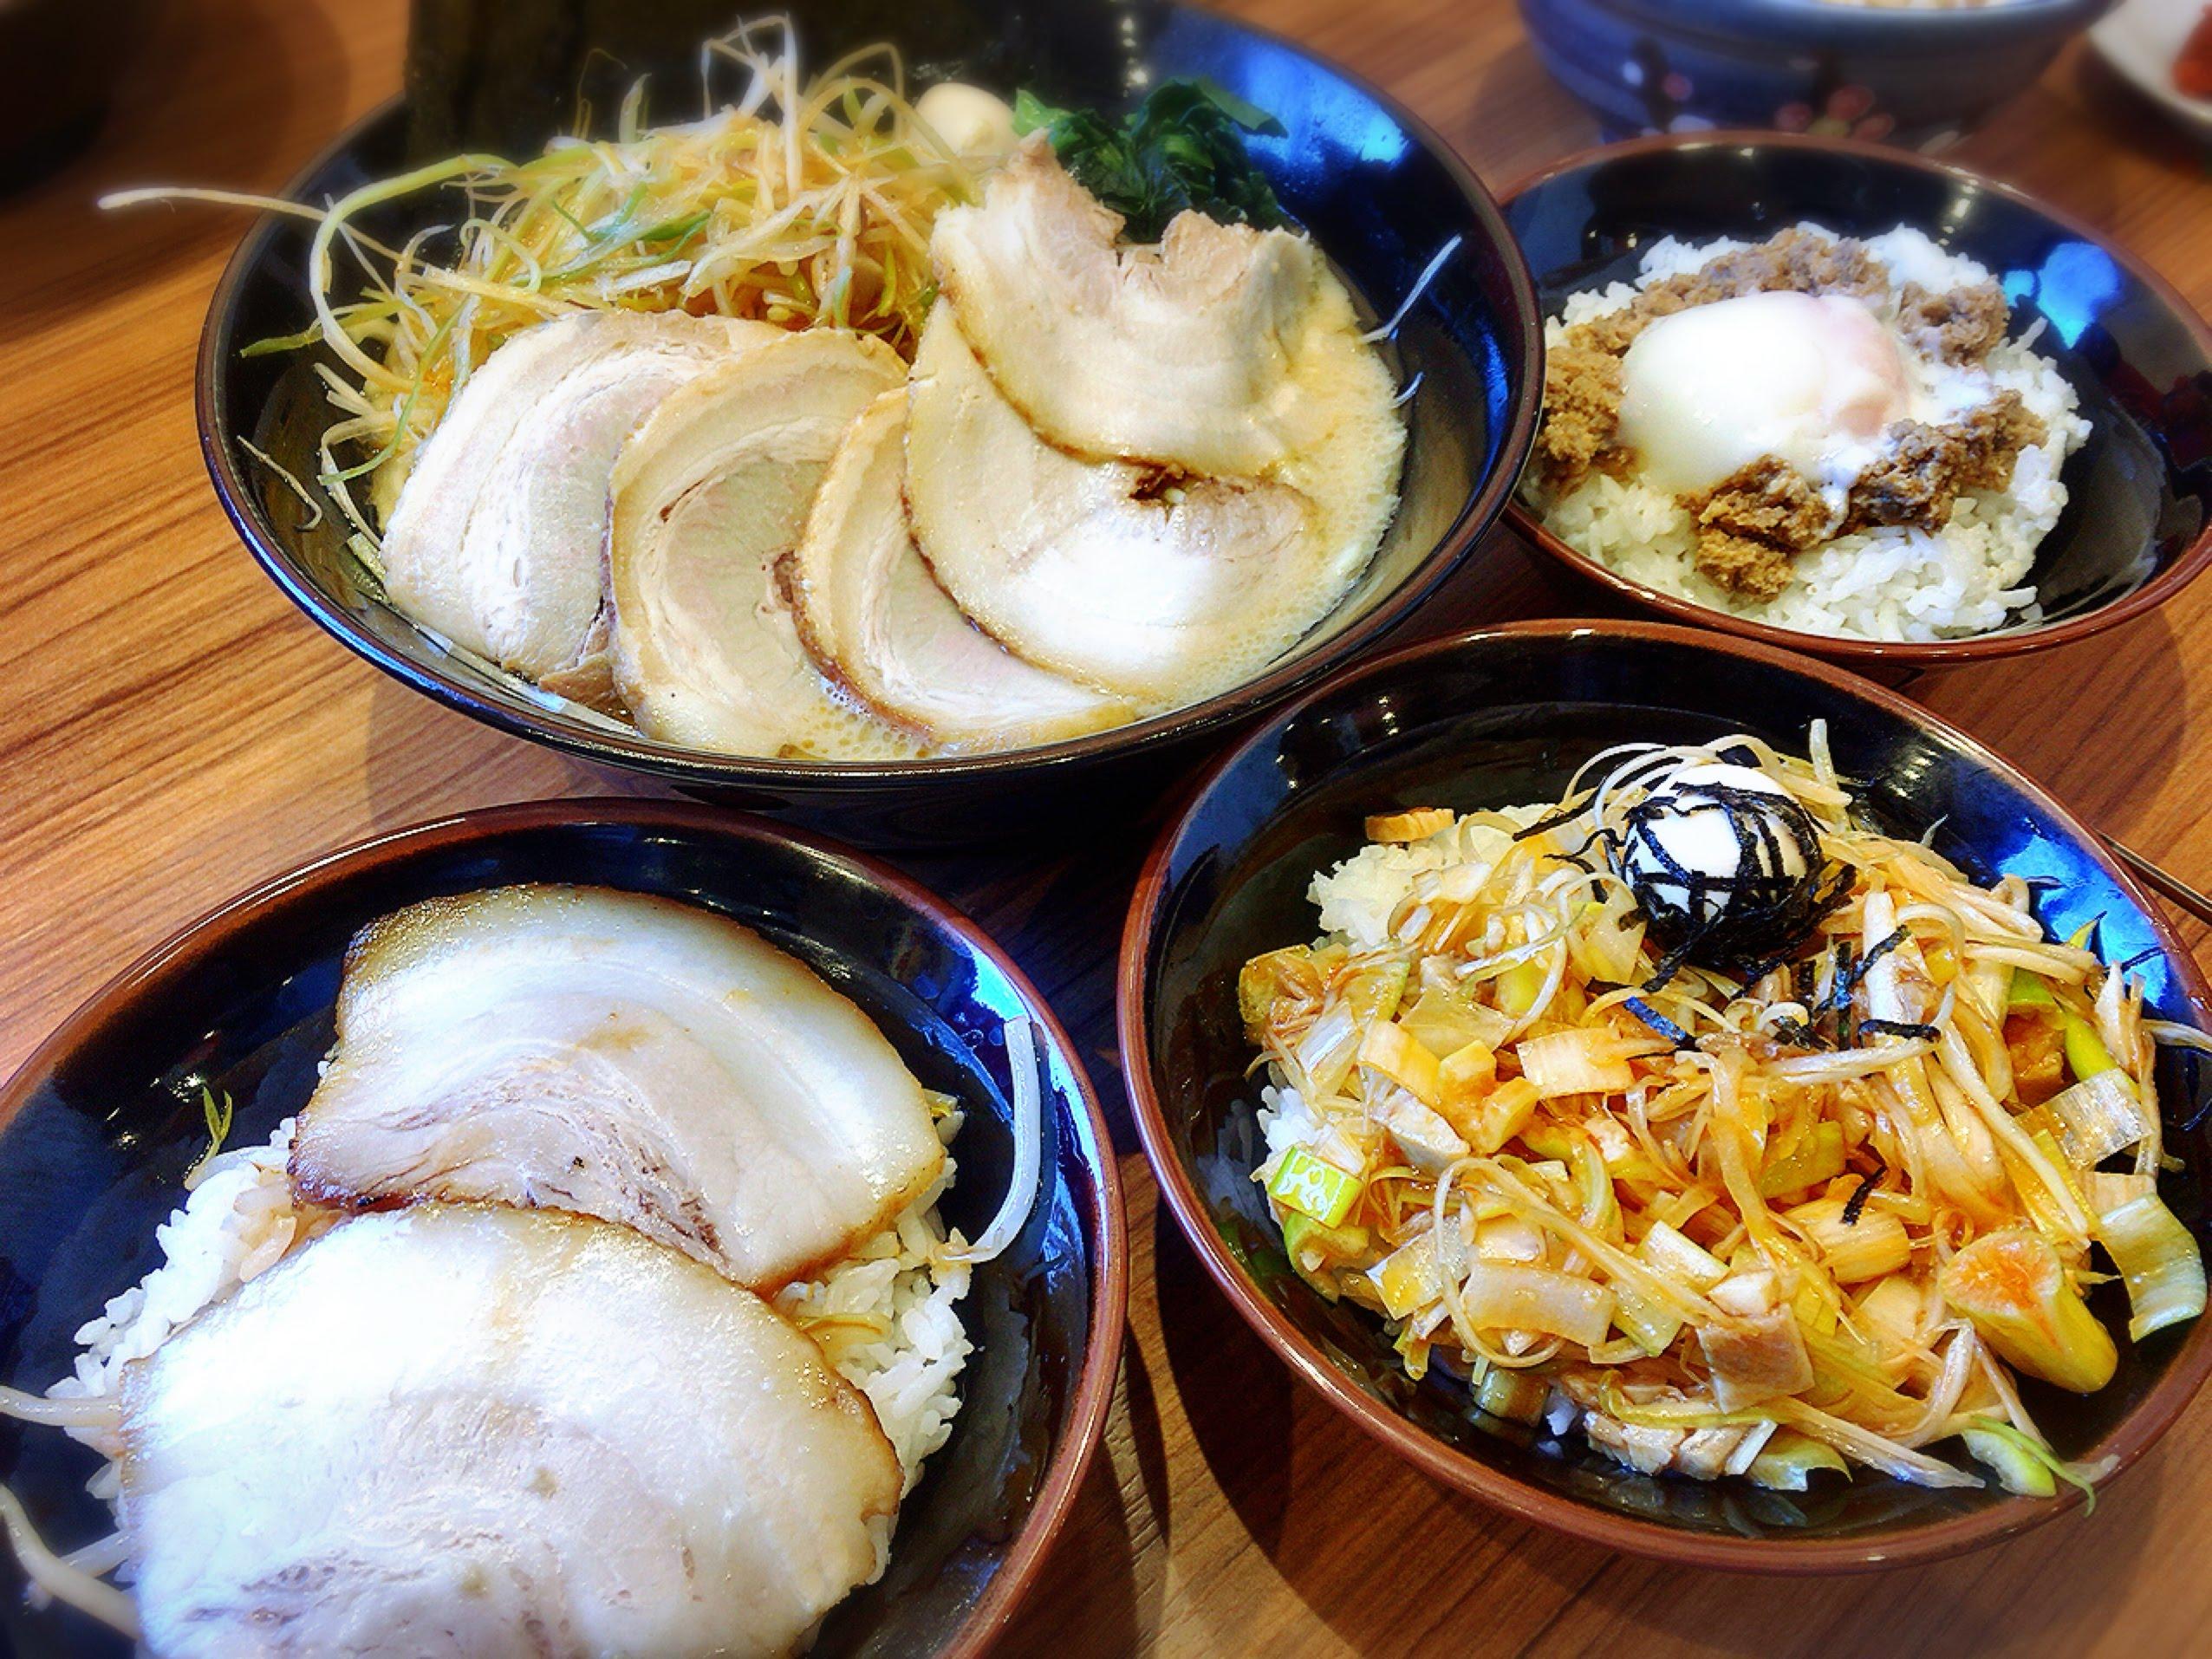 壱角家、ごはん食べ放題、ミニ丼、盛り付け